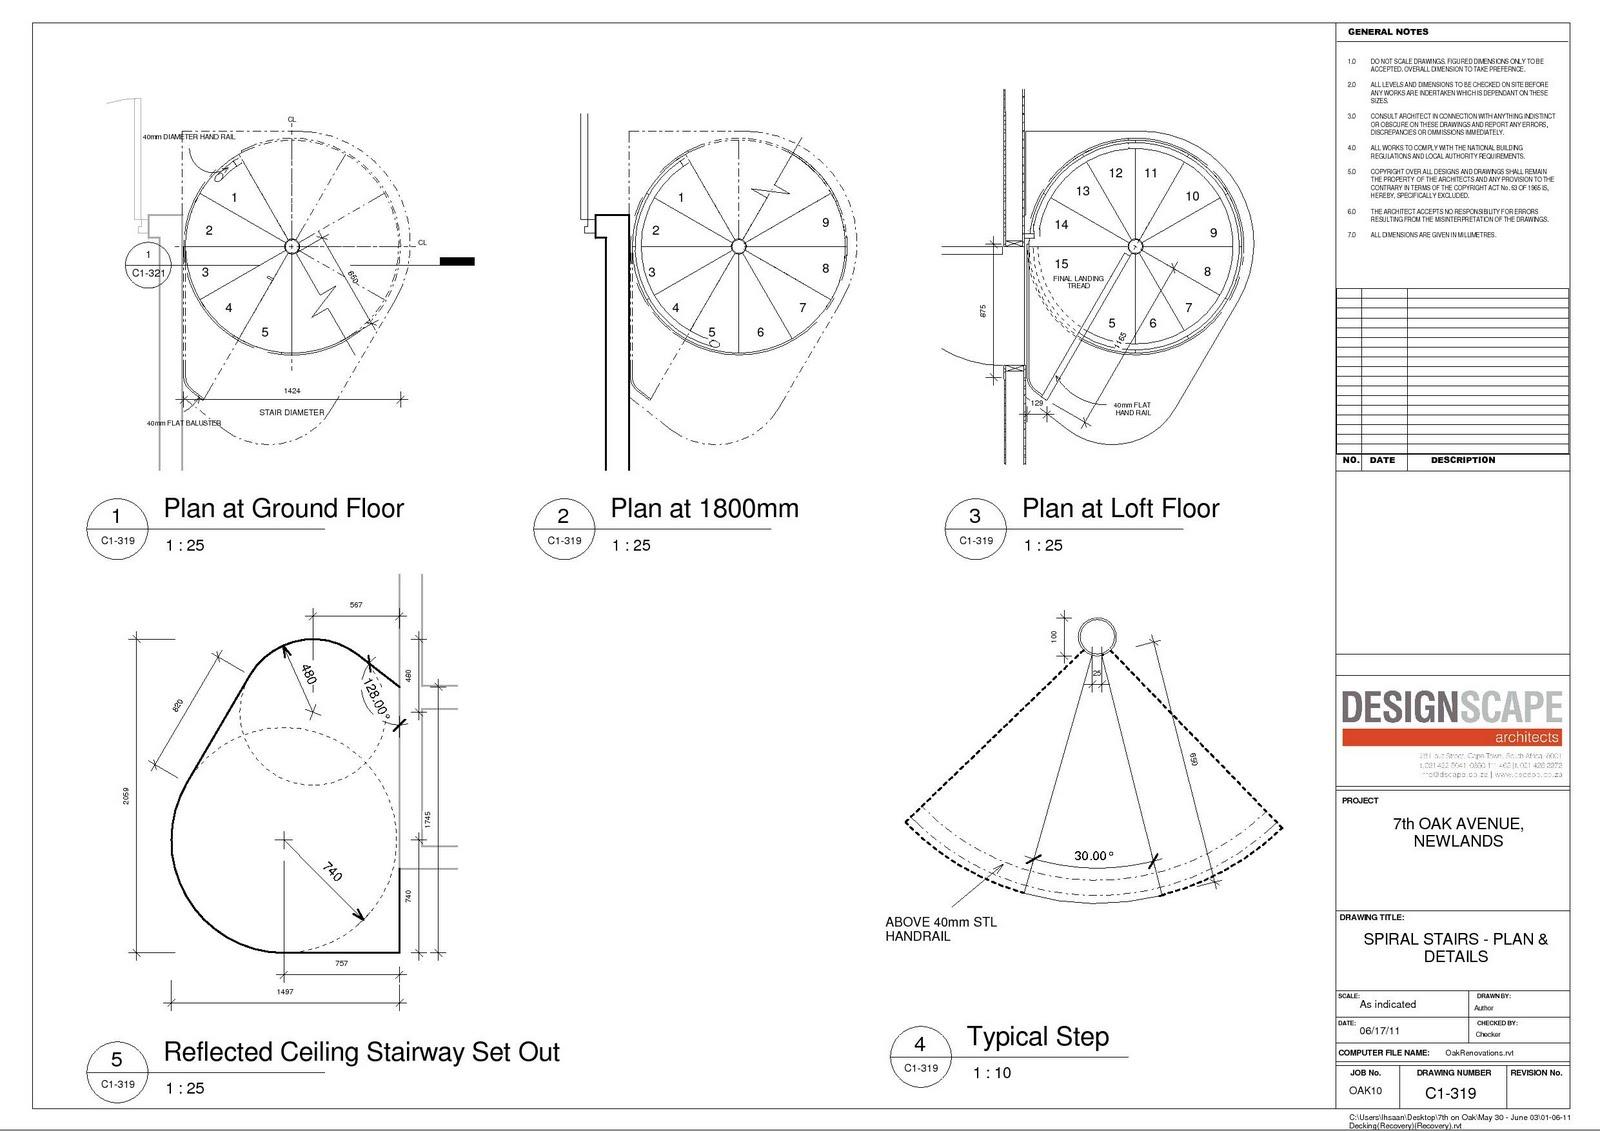 Dane minords pss Spiral stair details